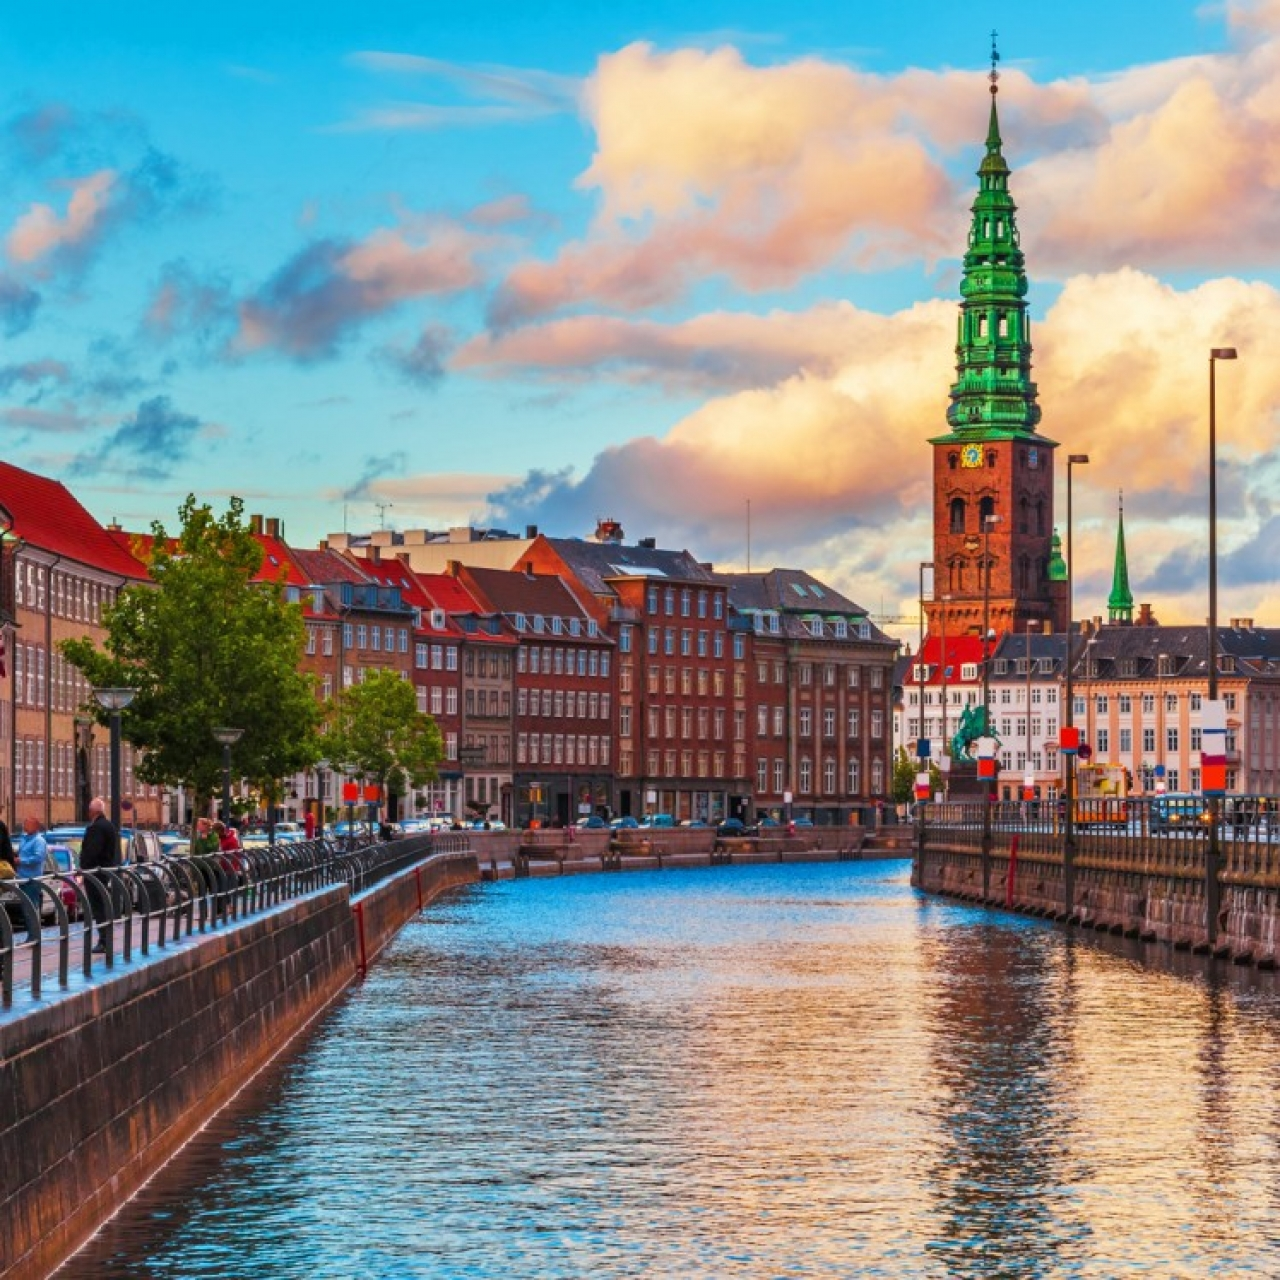 Imagini pentru Copenhaga